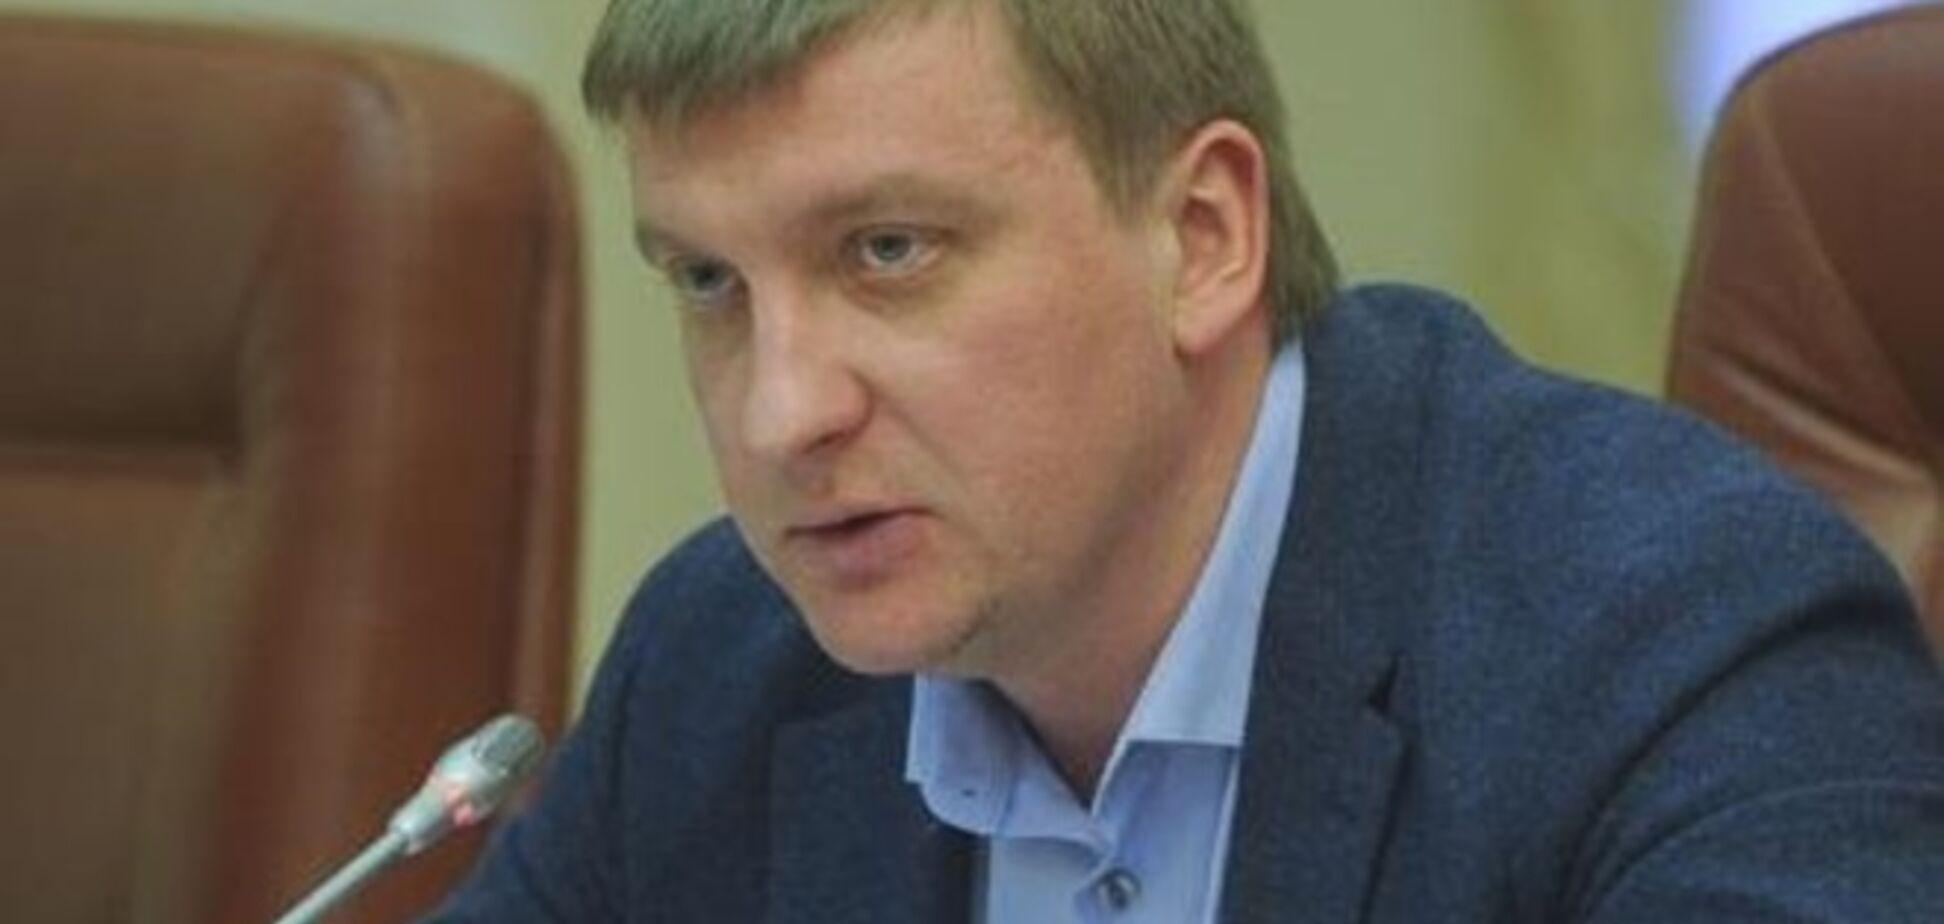 Главу Минюста подловили на покупке черной икры за 7,5 тыс. грн